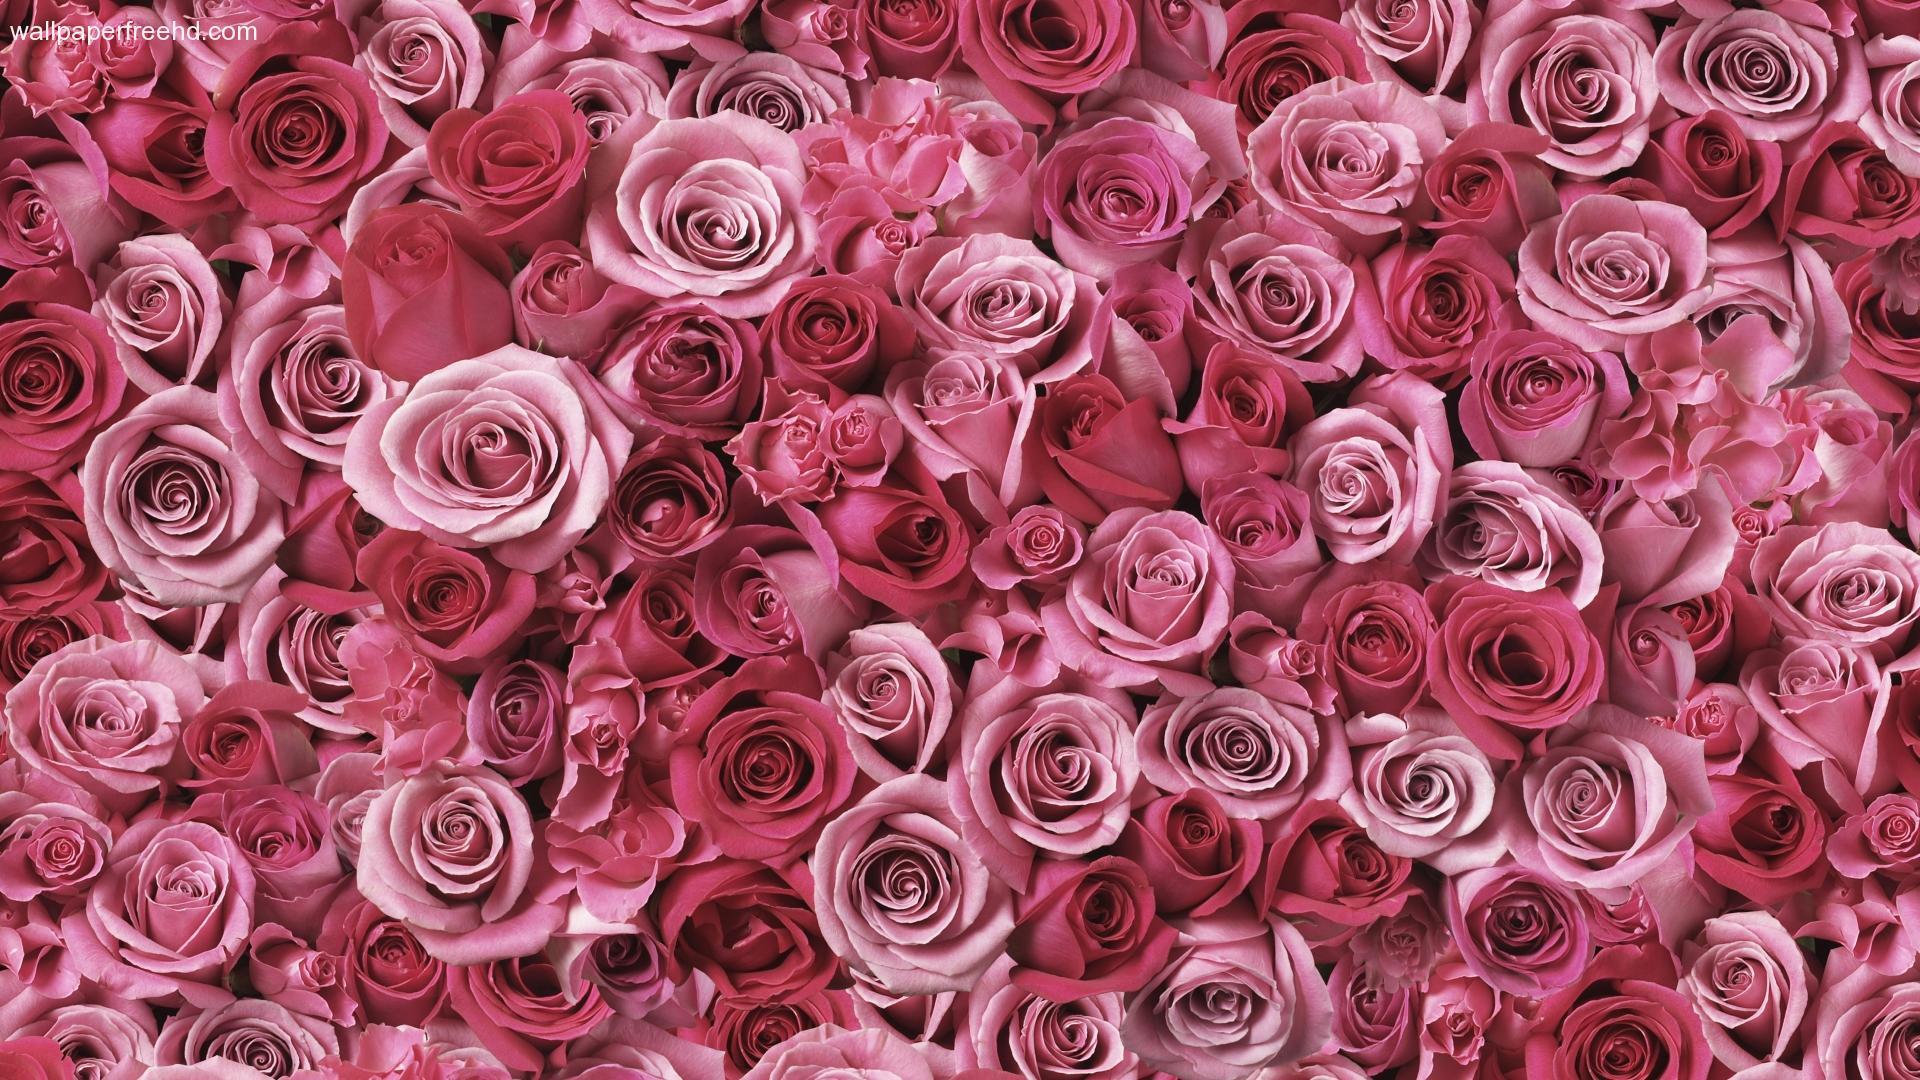 floral wallpaper vintage rose aa